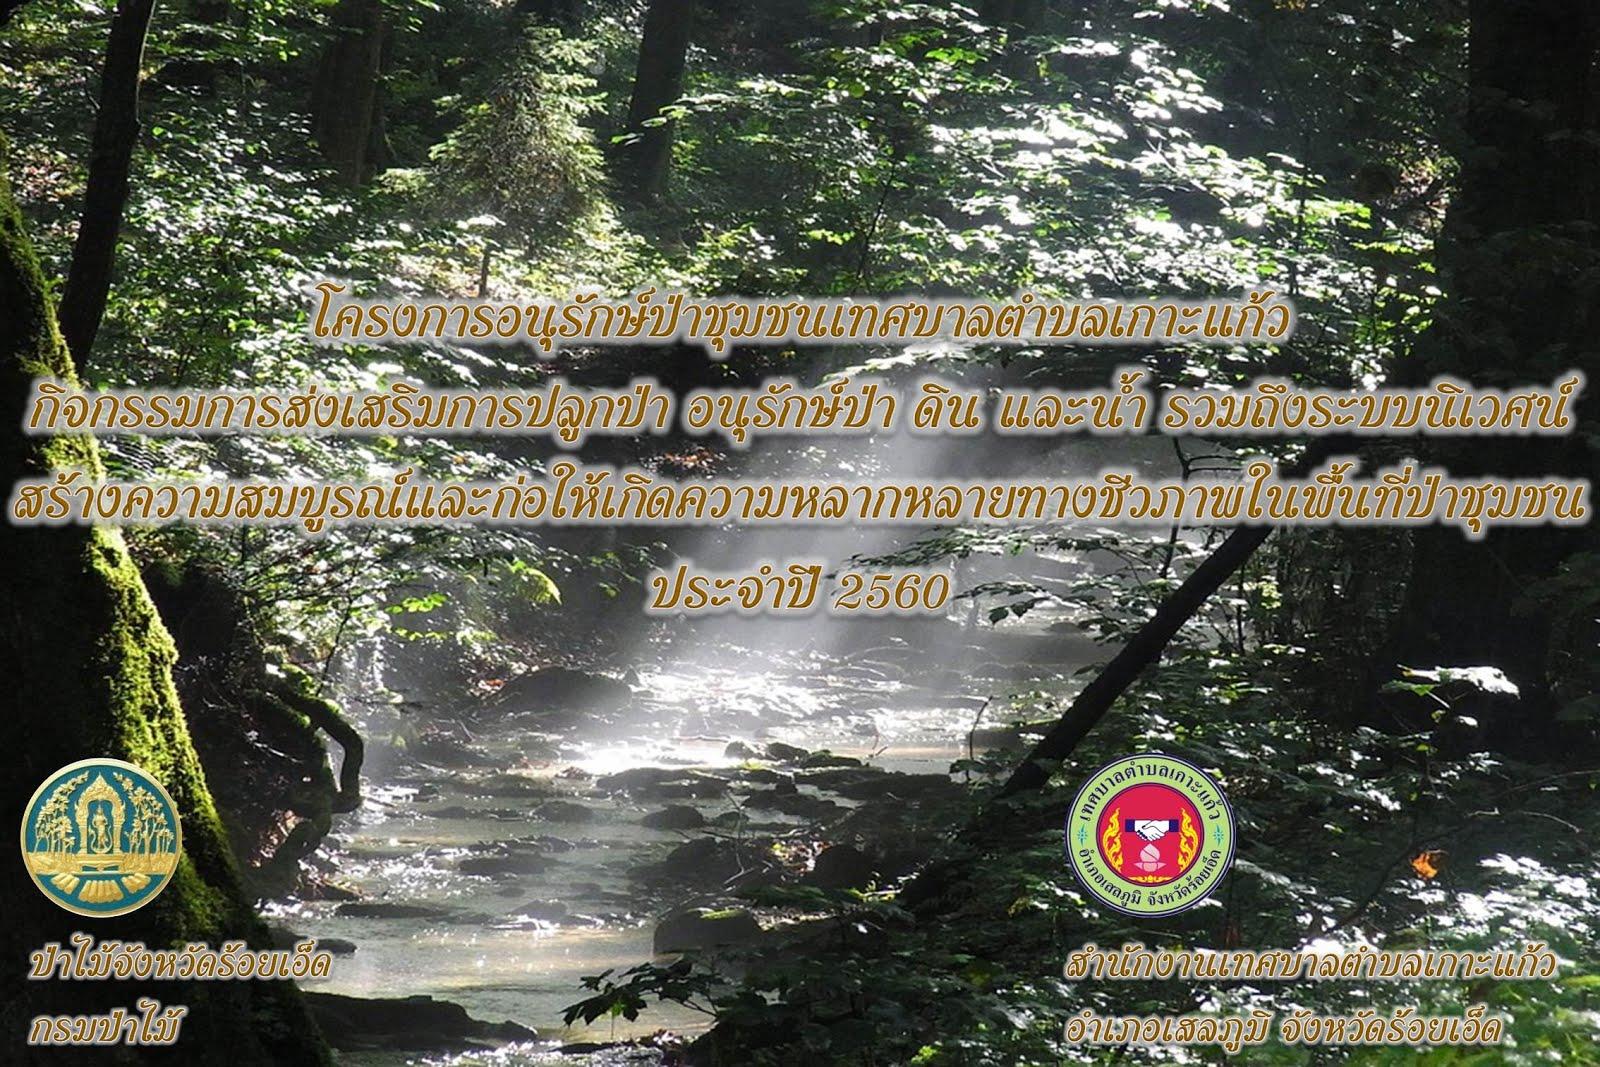 โครงการอนุรักษ์ป่าชุมชน